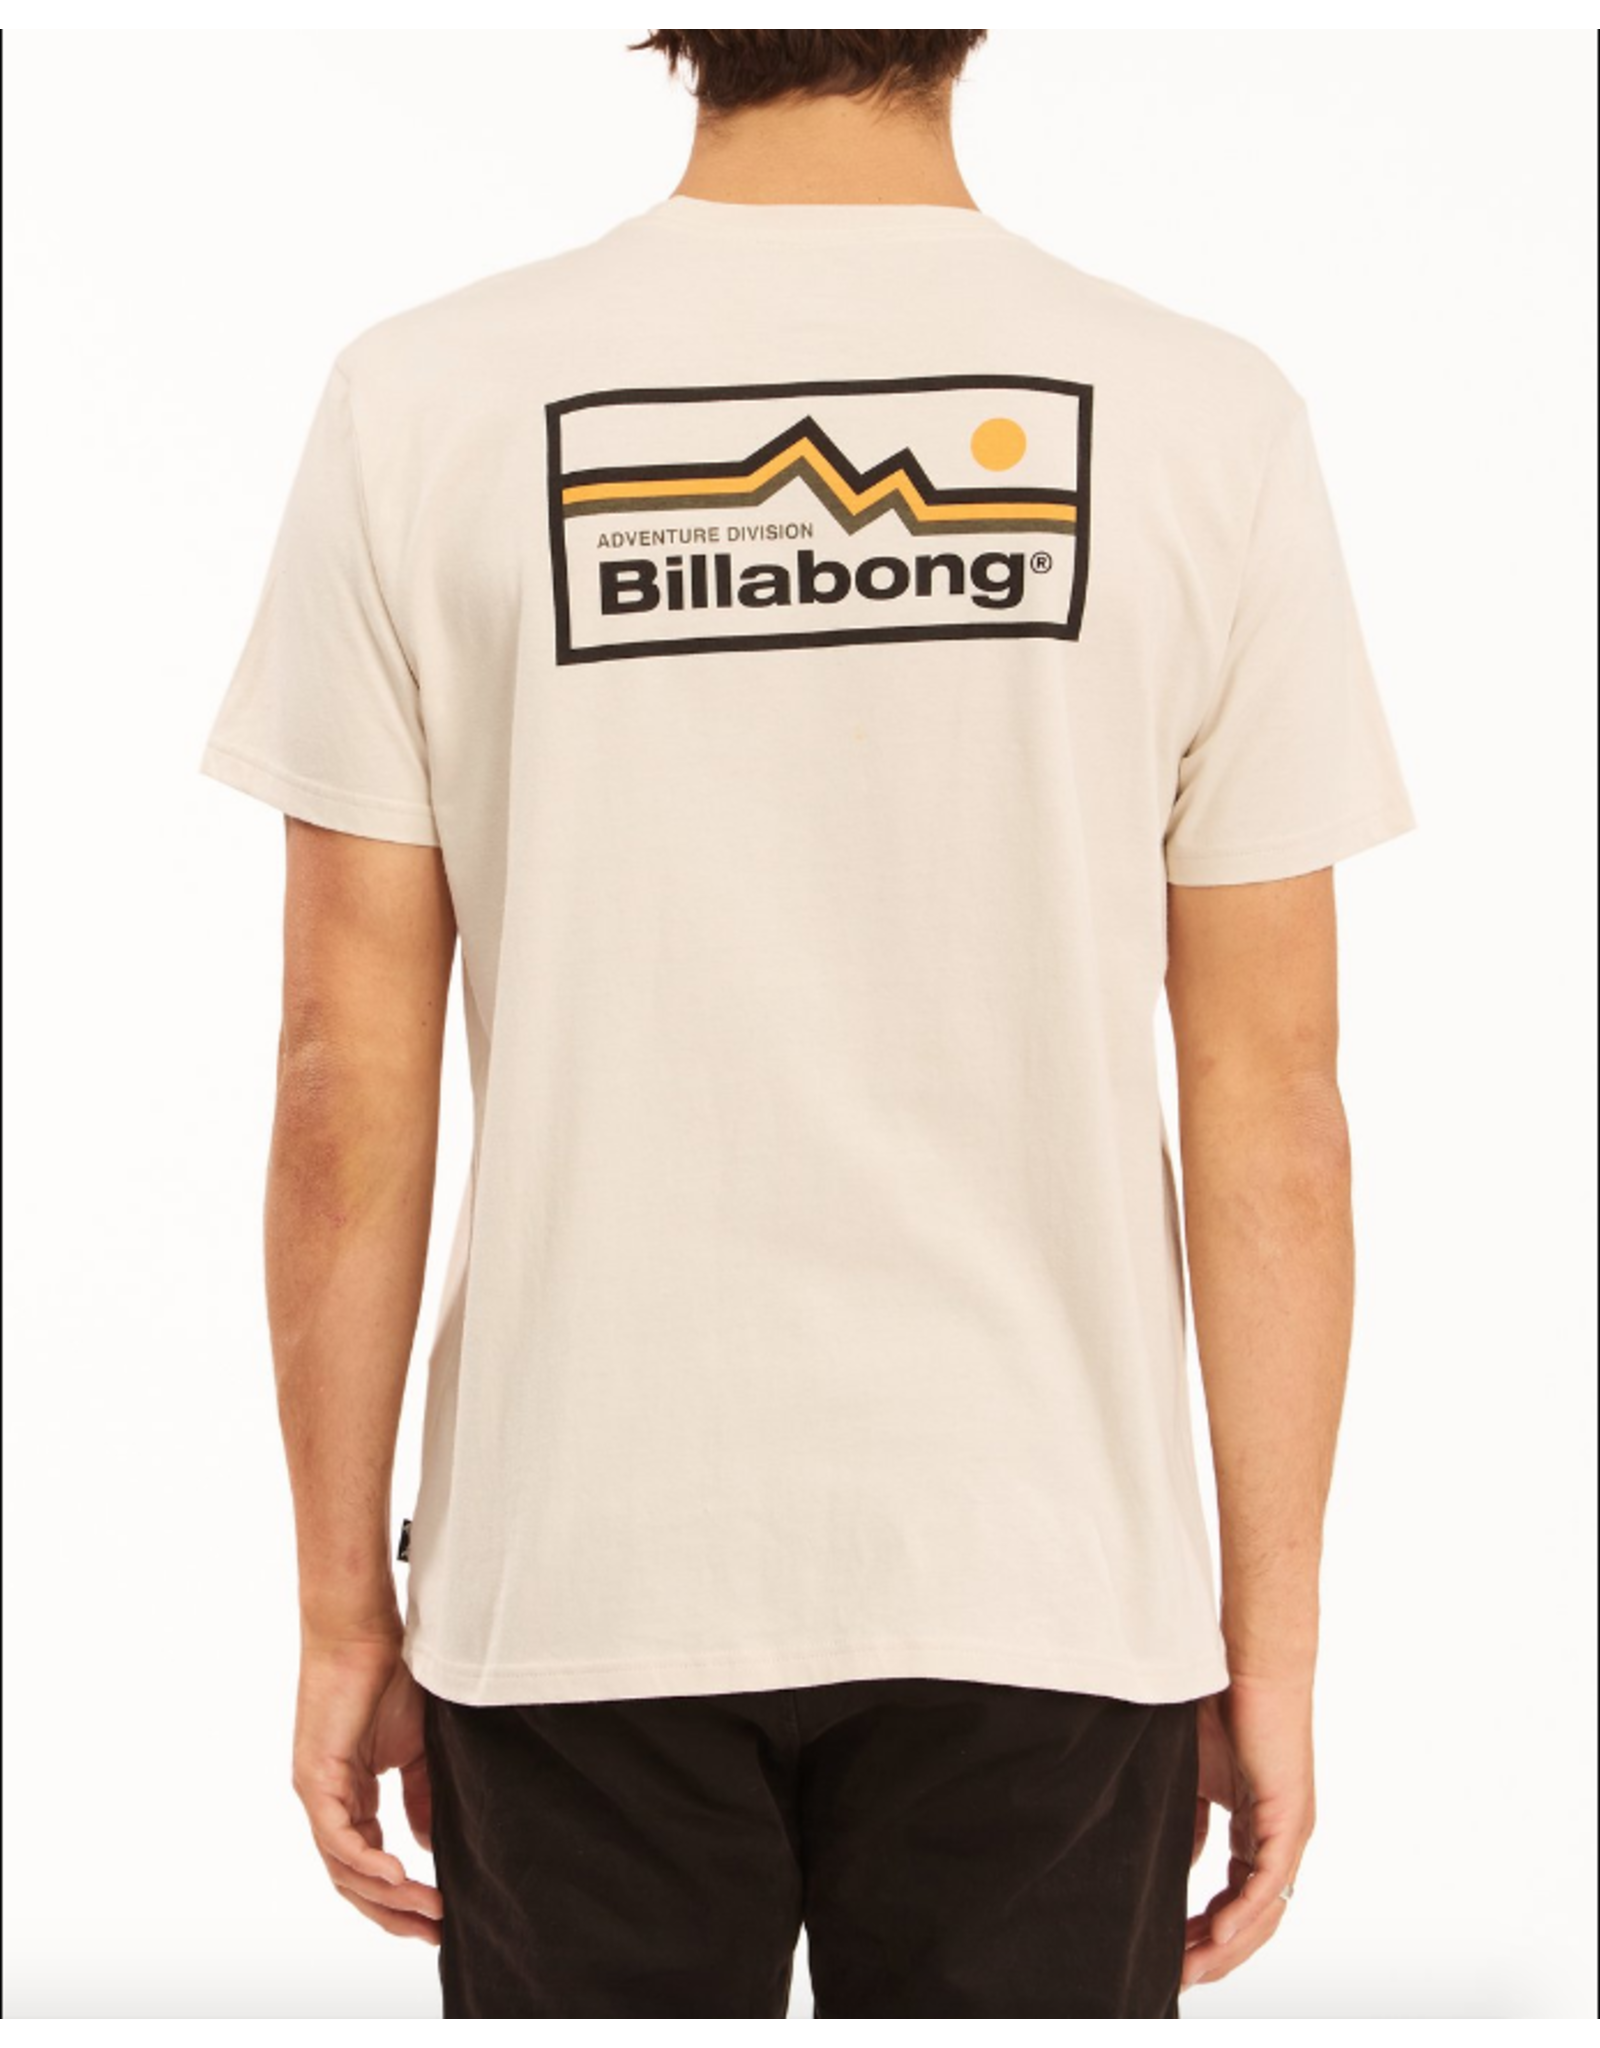 Billabong Guys A/Div Denver Short Sleeve T-Shirt